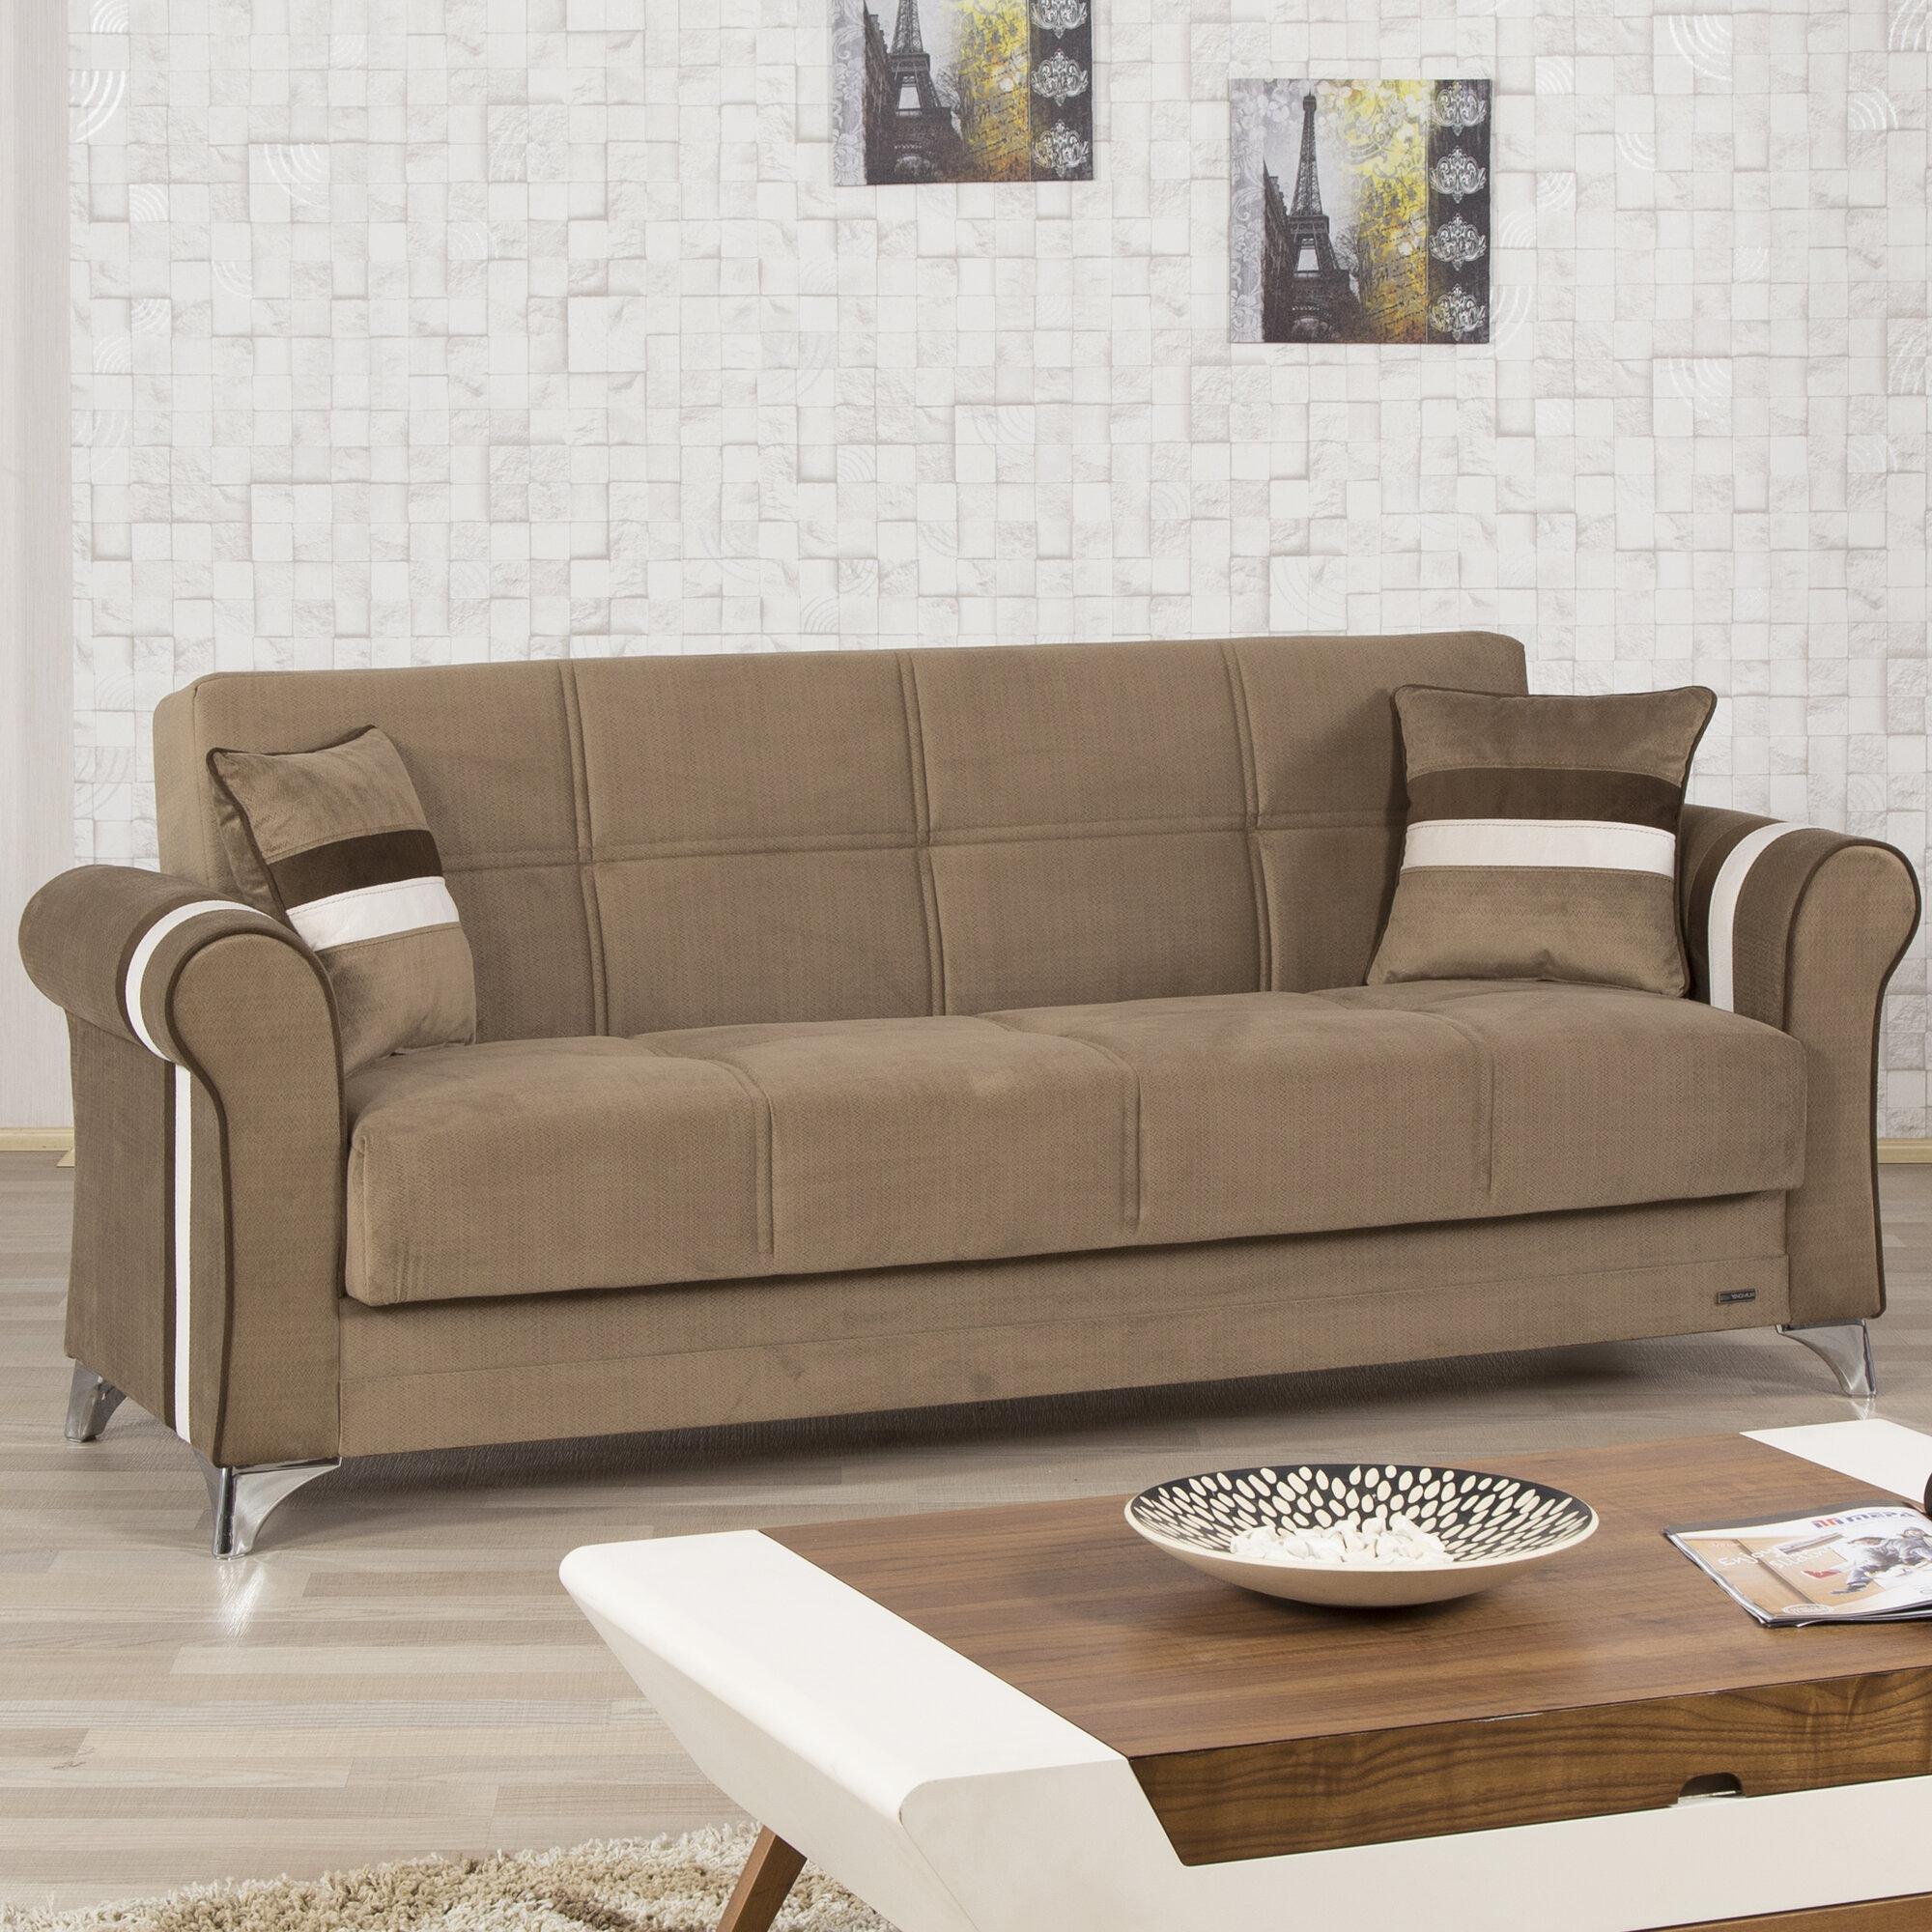 Casamode Functional Furniture Metro Life Futon Convertible